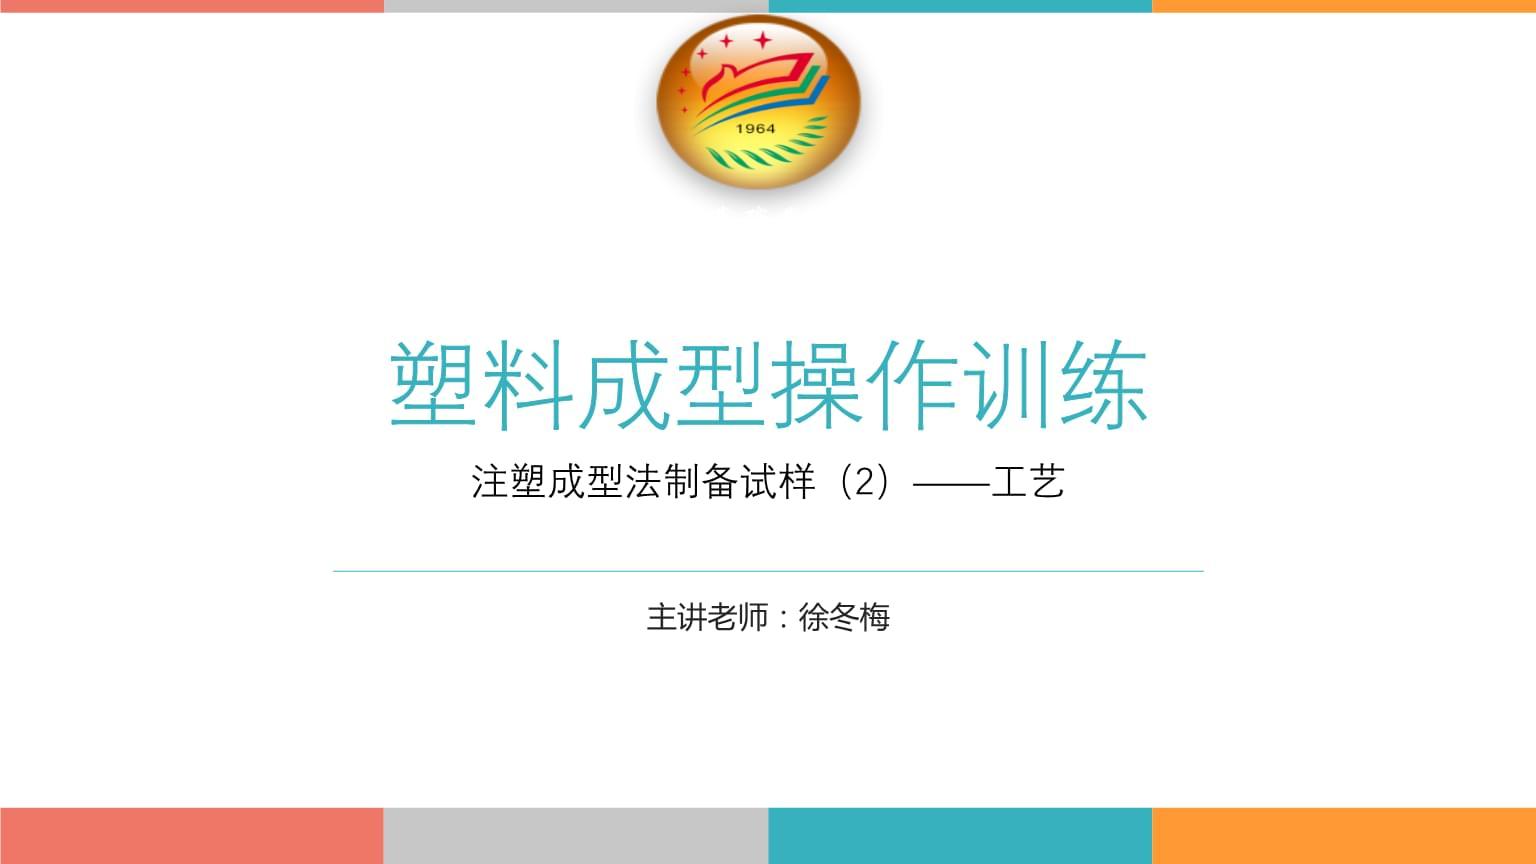 塑料配混技术 化学改性原理 注塑制样-工艺.pptx